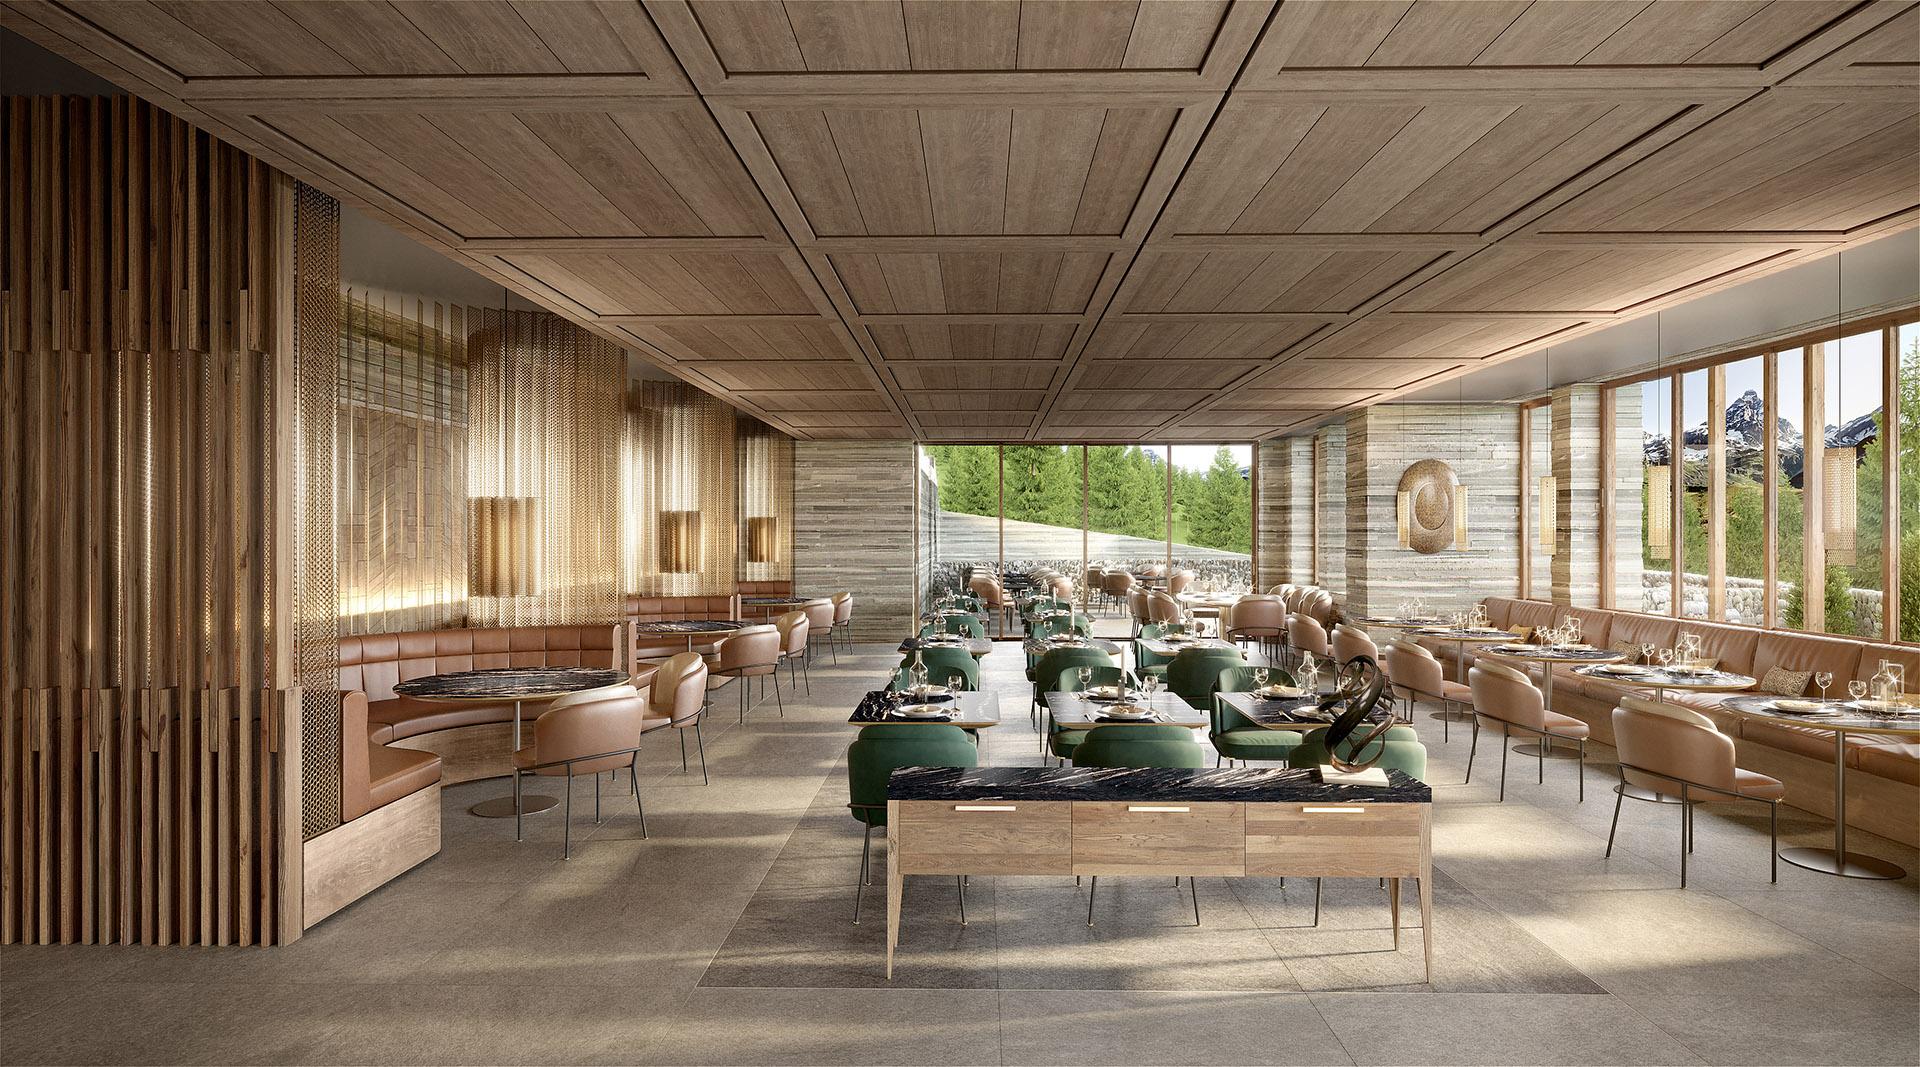 3D Archviz of a luxury restaurant in Switzerland